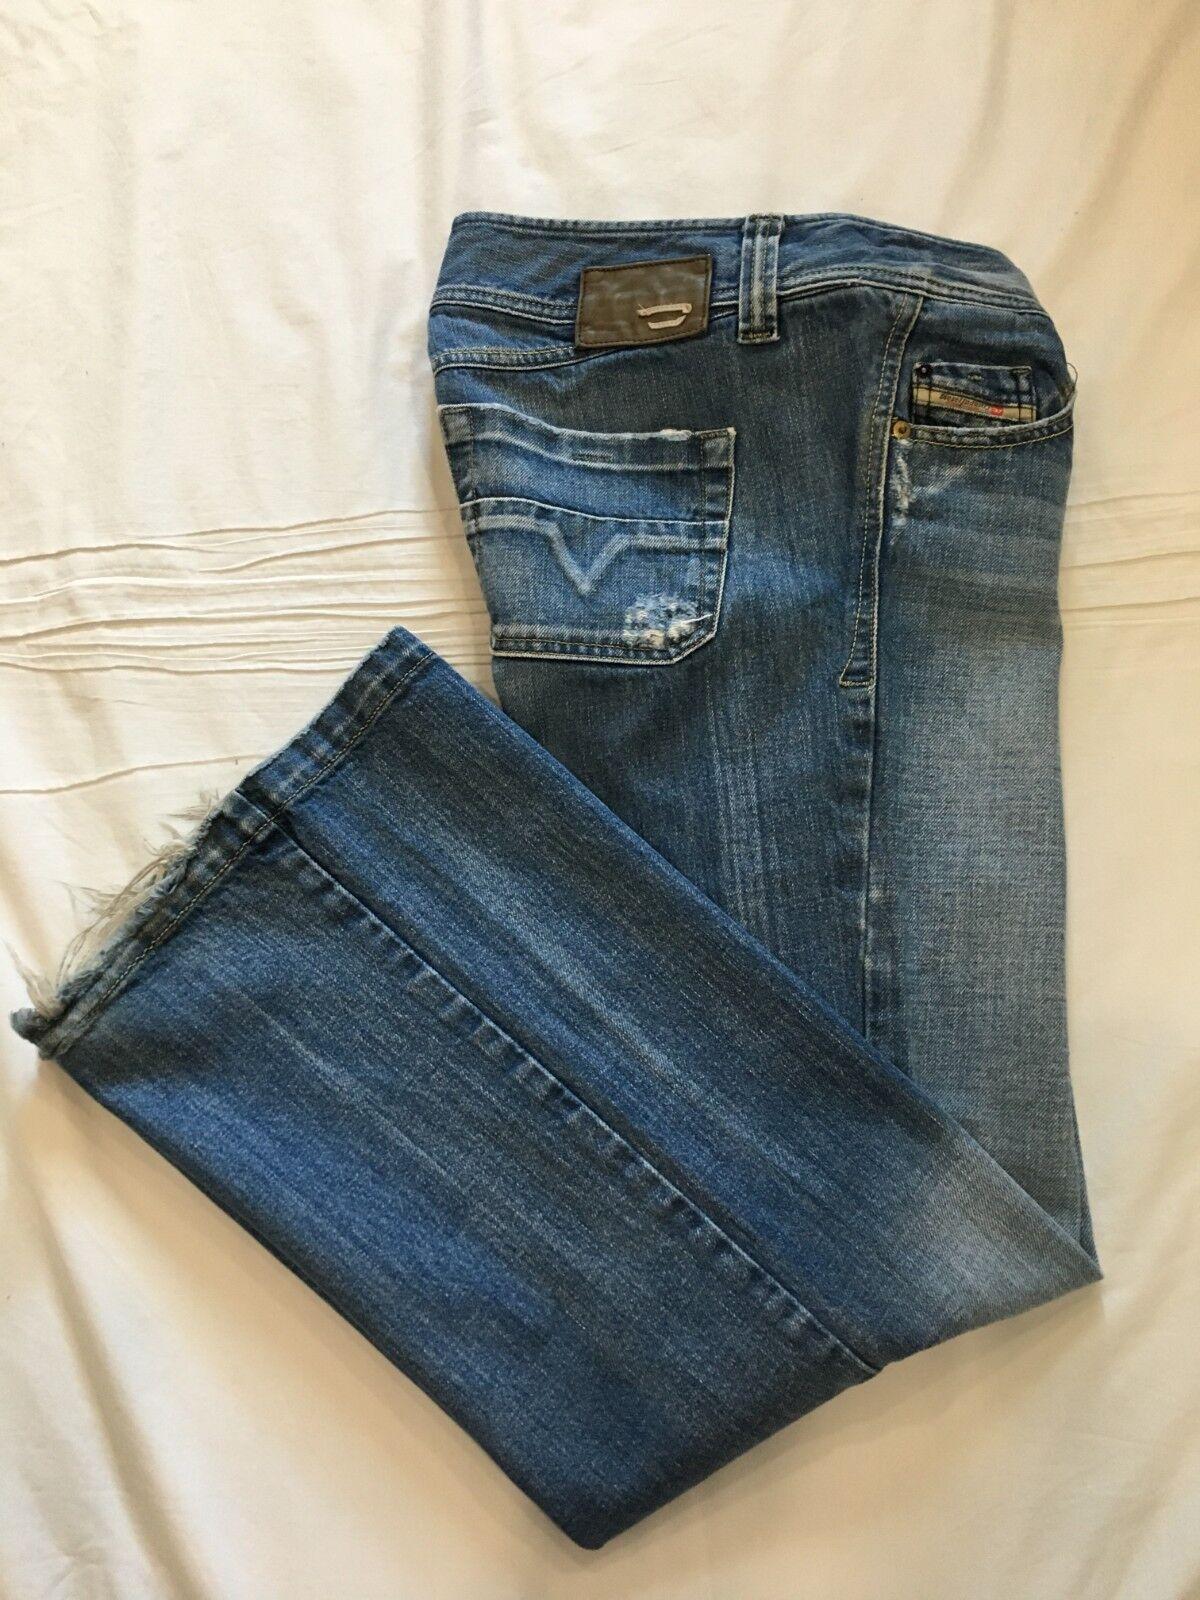 (-) DIESEL  Womens LAMBRY bluee Jeans   Denim  Size 31 x 32